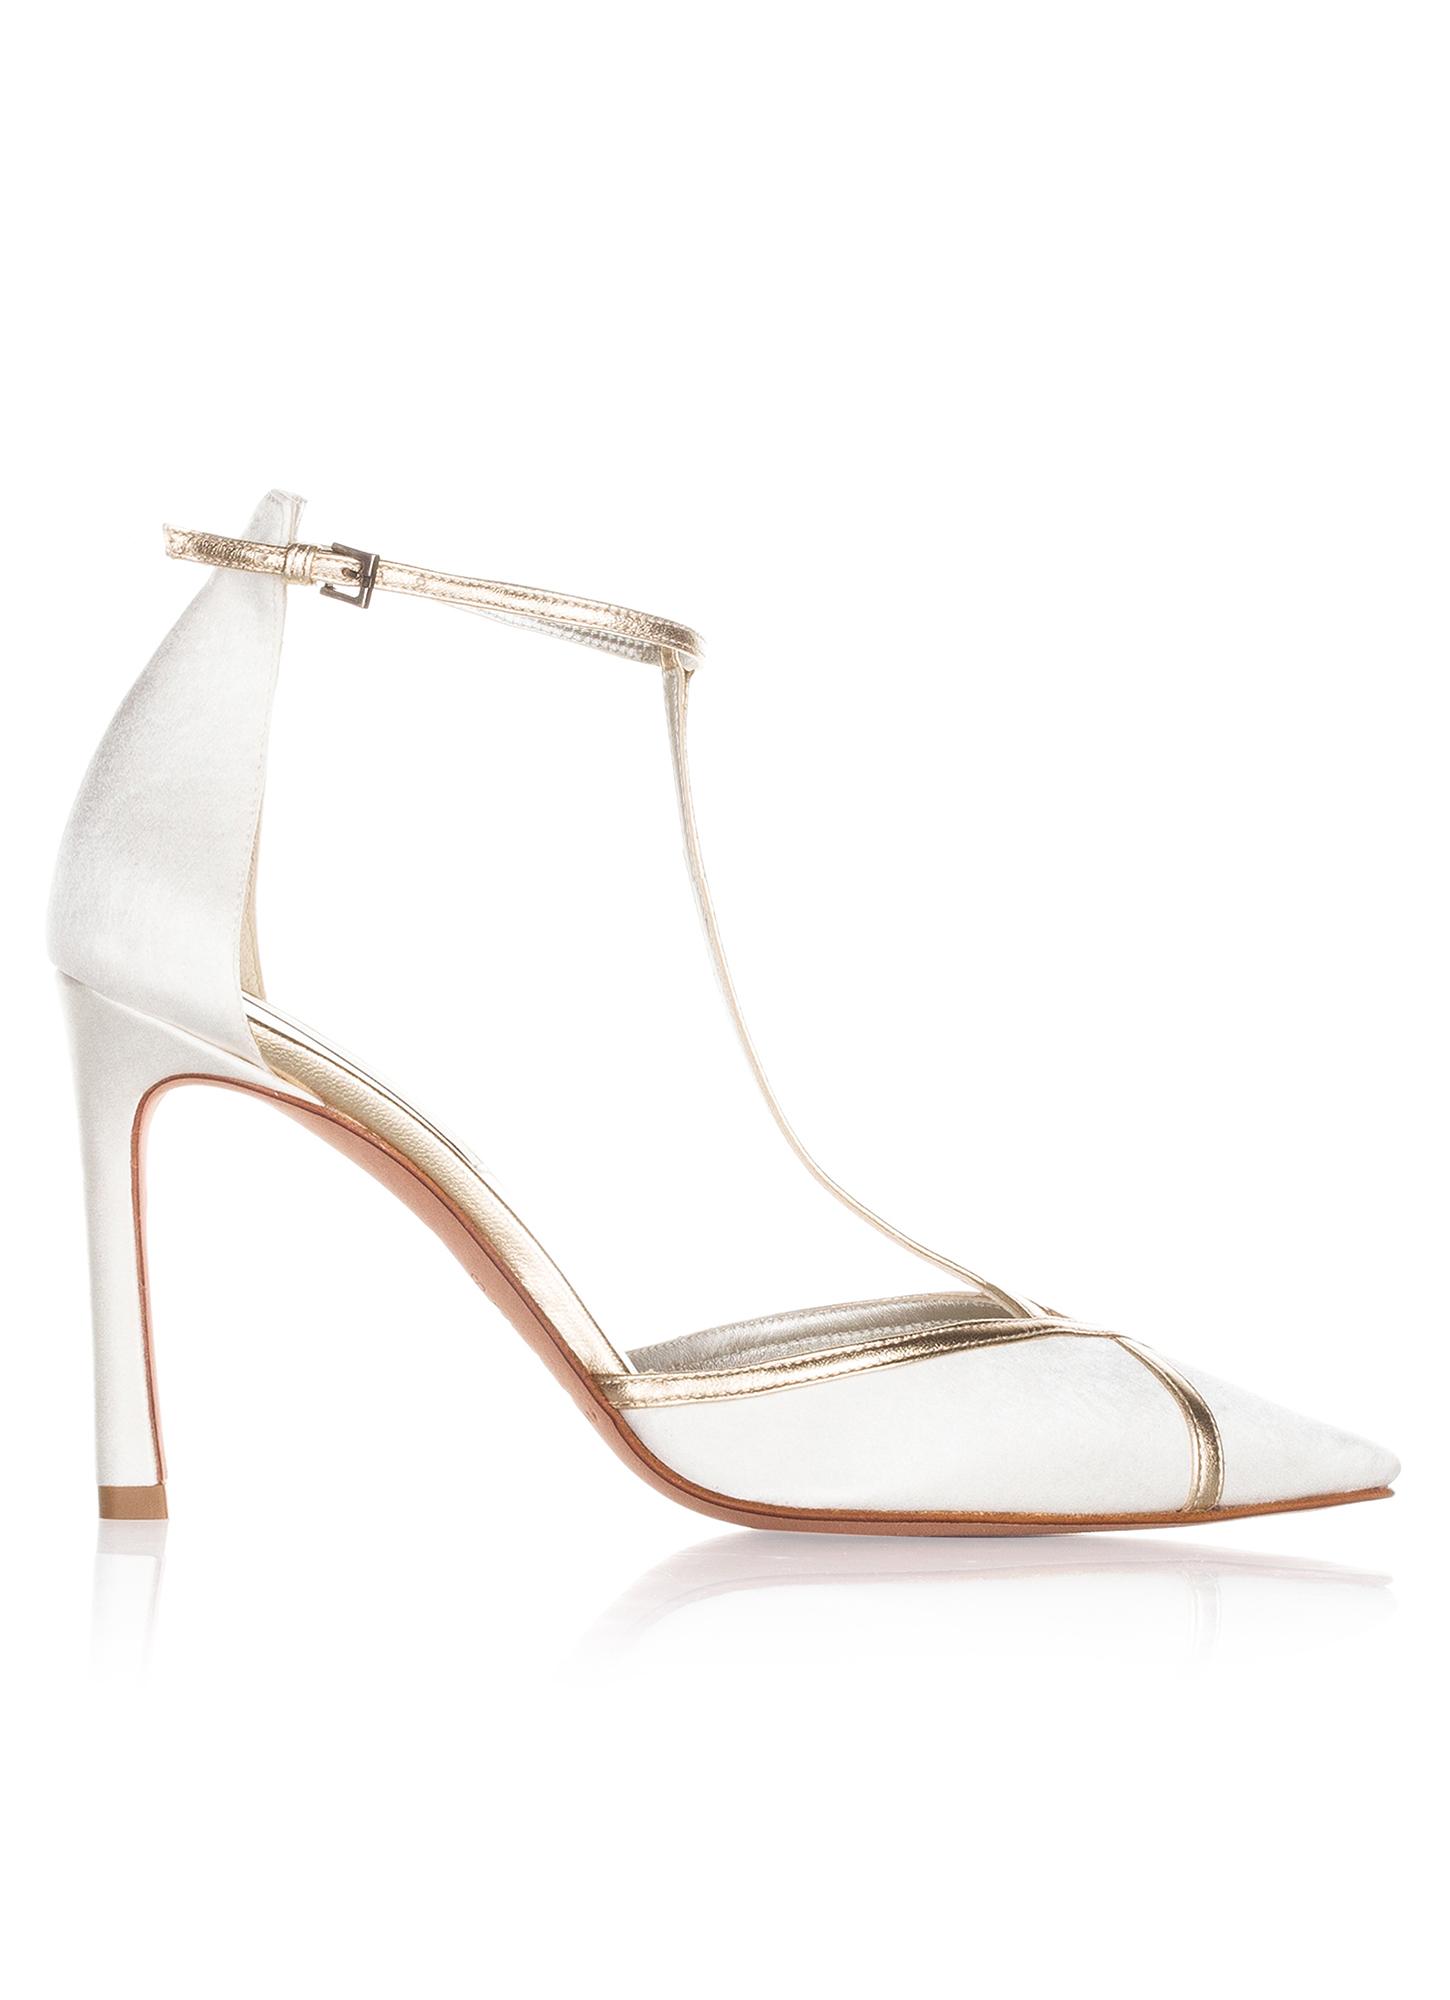 Zapatos de novia de tacón alto en raso blanco y piel dorada Zapatos de  novia Pura López ...